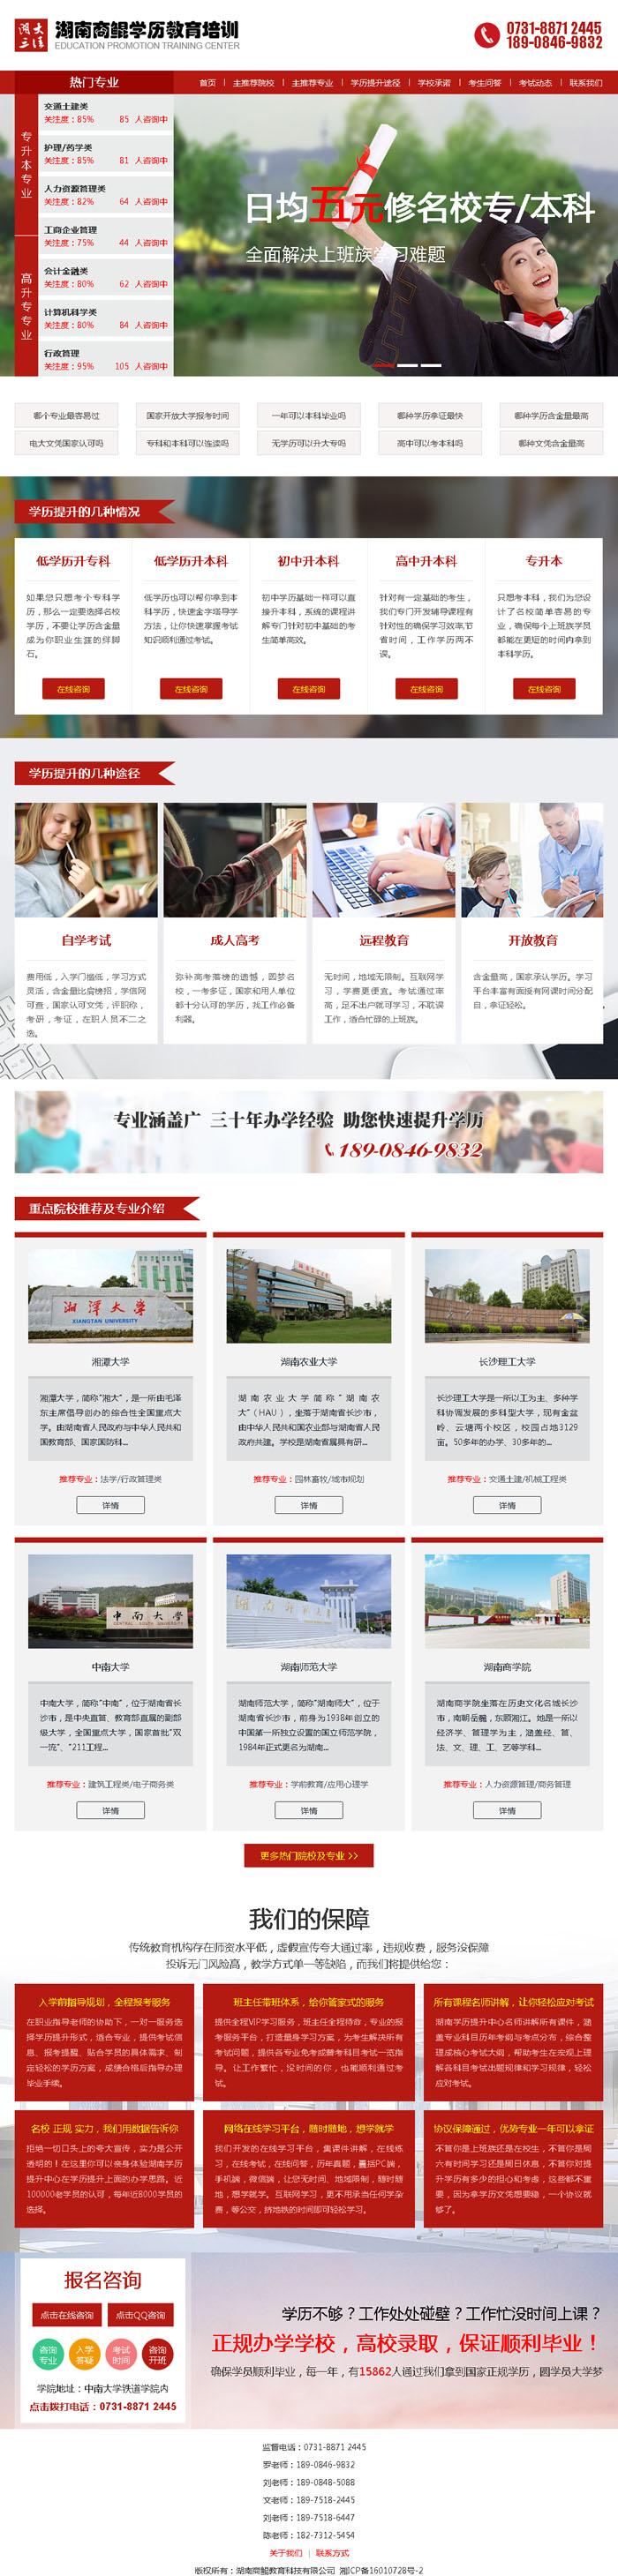 湖南商鲲学历教育培训